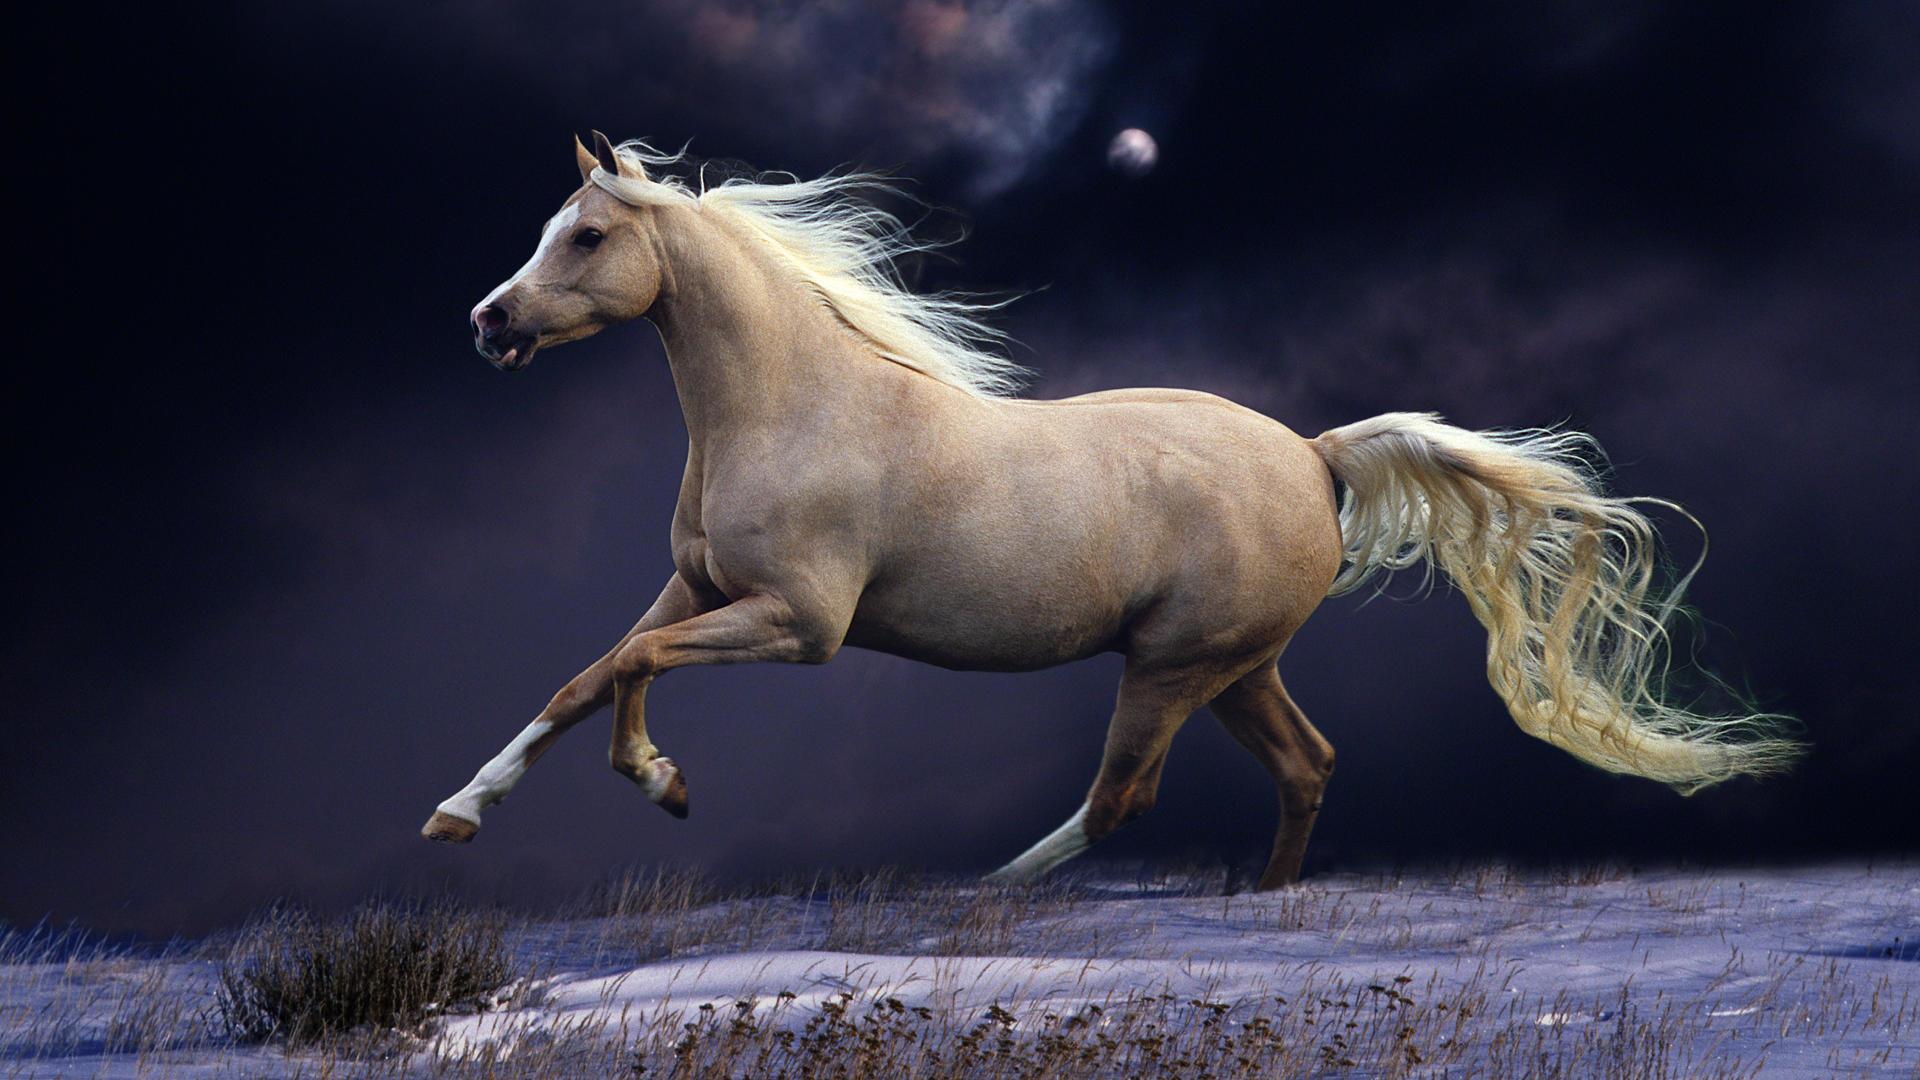 Running Horse Wallpaper Hd 1920x1080 Download Hd Wallpaper Wallpapertip